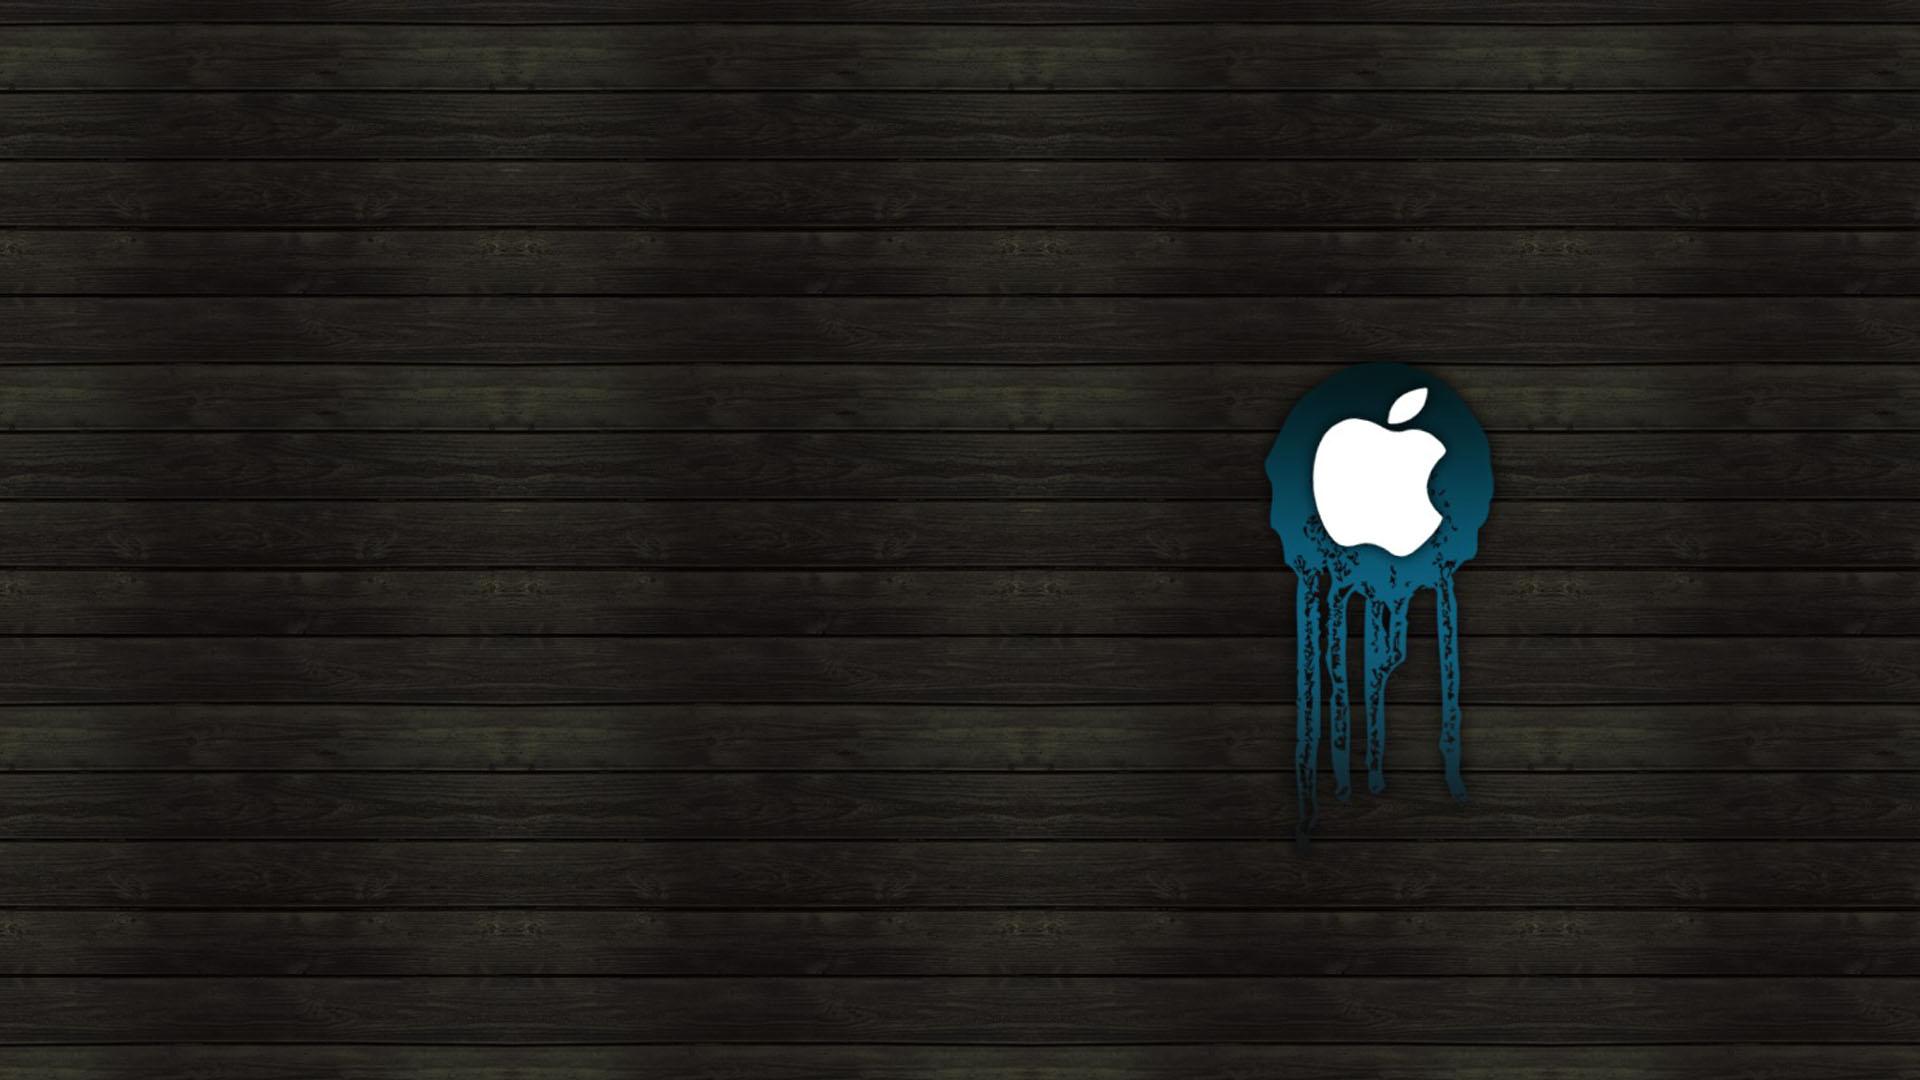 Best Macbook Pro Wallpaper Hd Sf Wallpaper